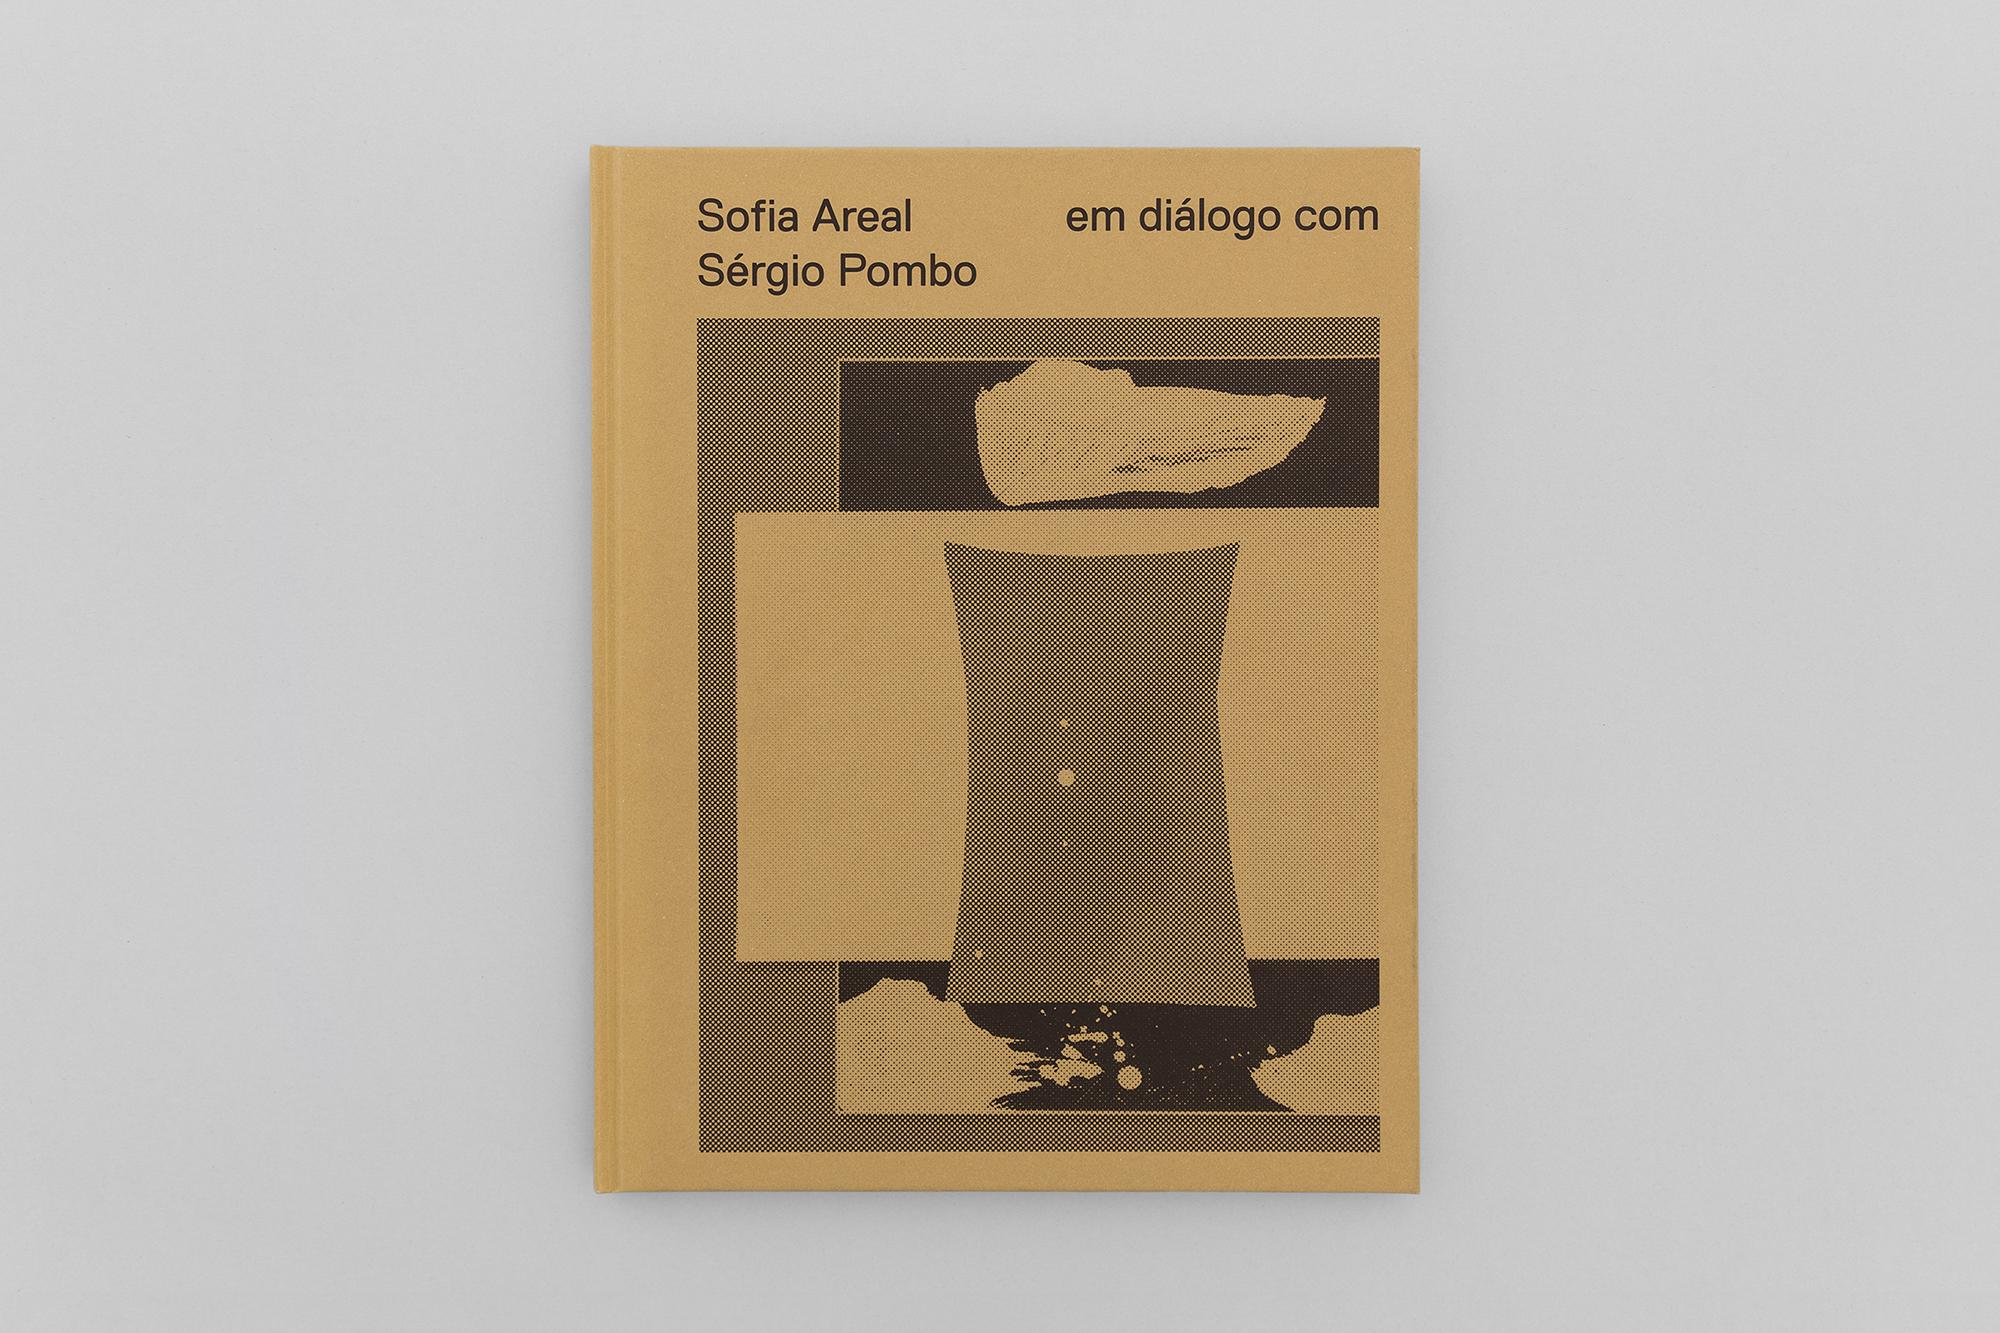 João M. Machado – Museu da Guarda – Sofia Areal em diálogo com Sérgio Pombo (1 of 6)